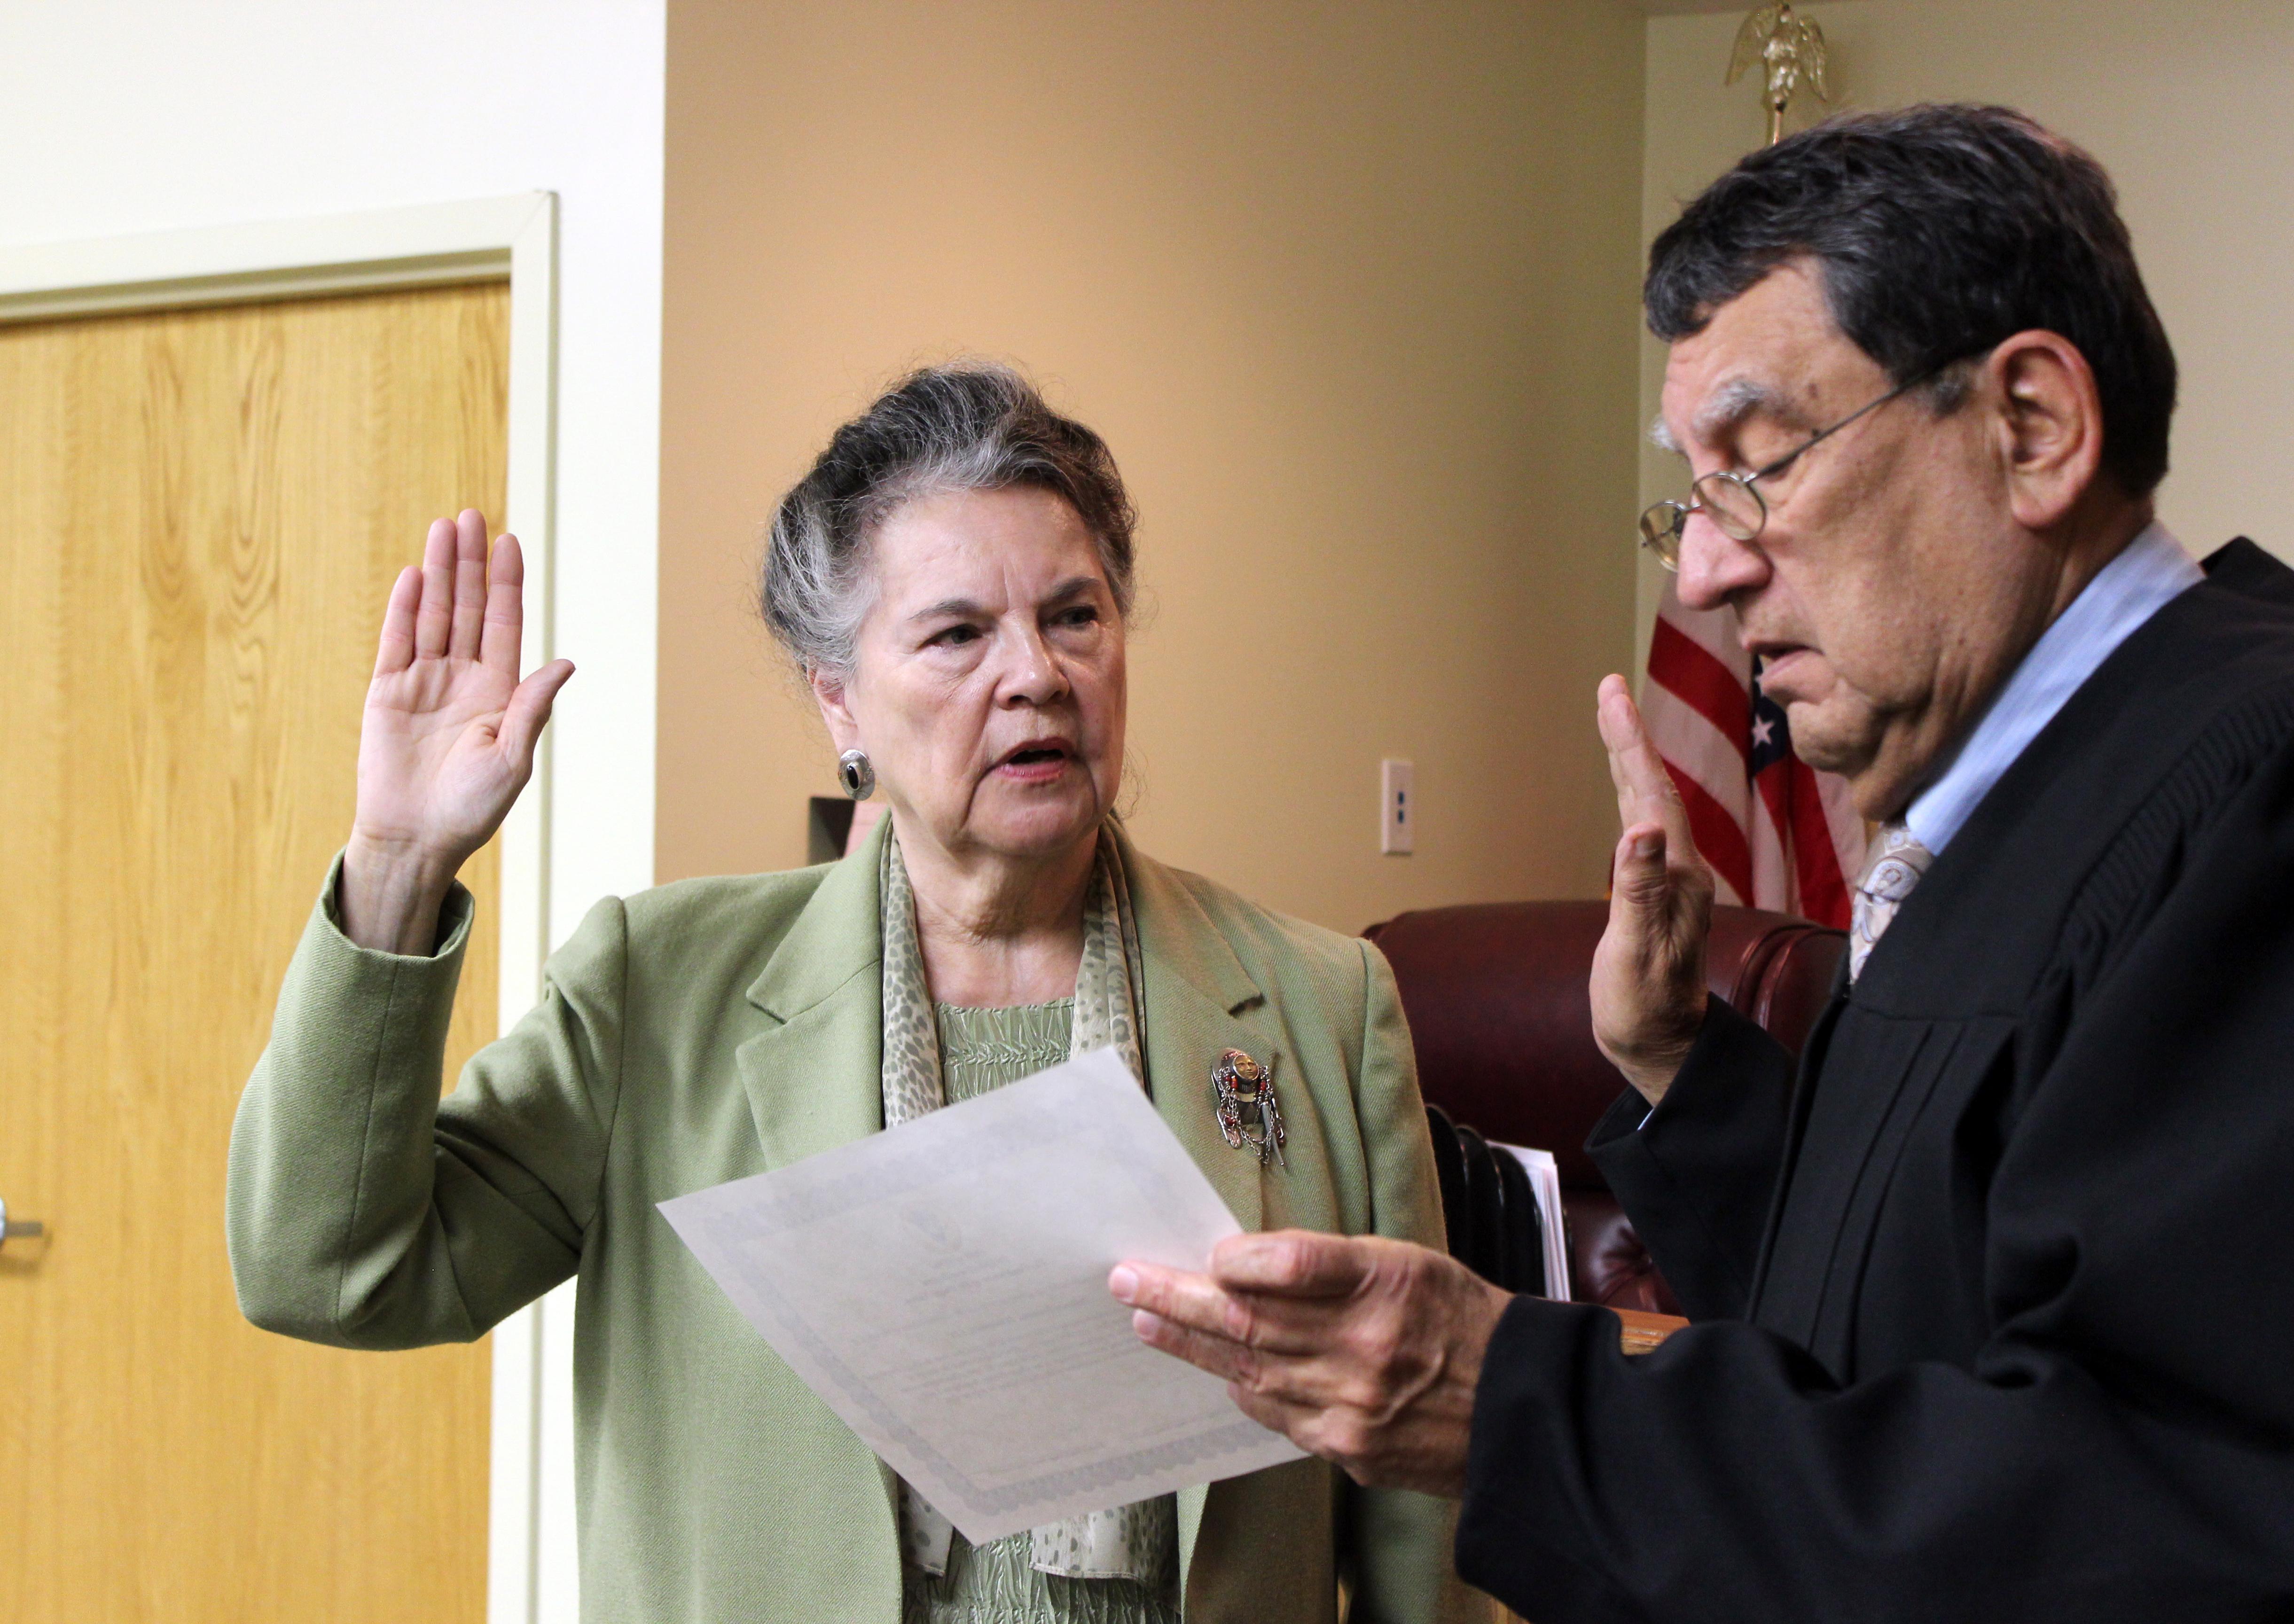 Kay Bills appointed to Tallgrass Economic Development LLC Board